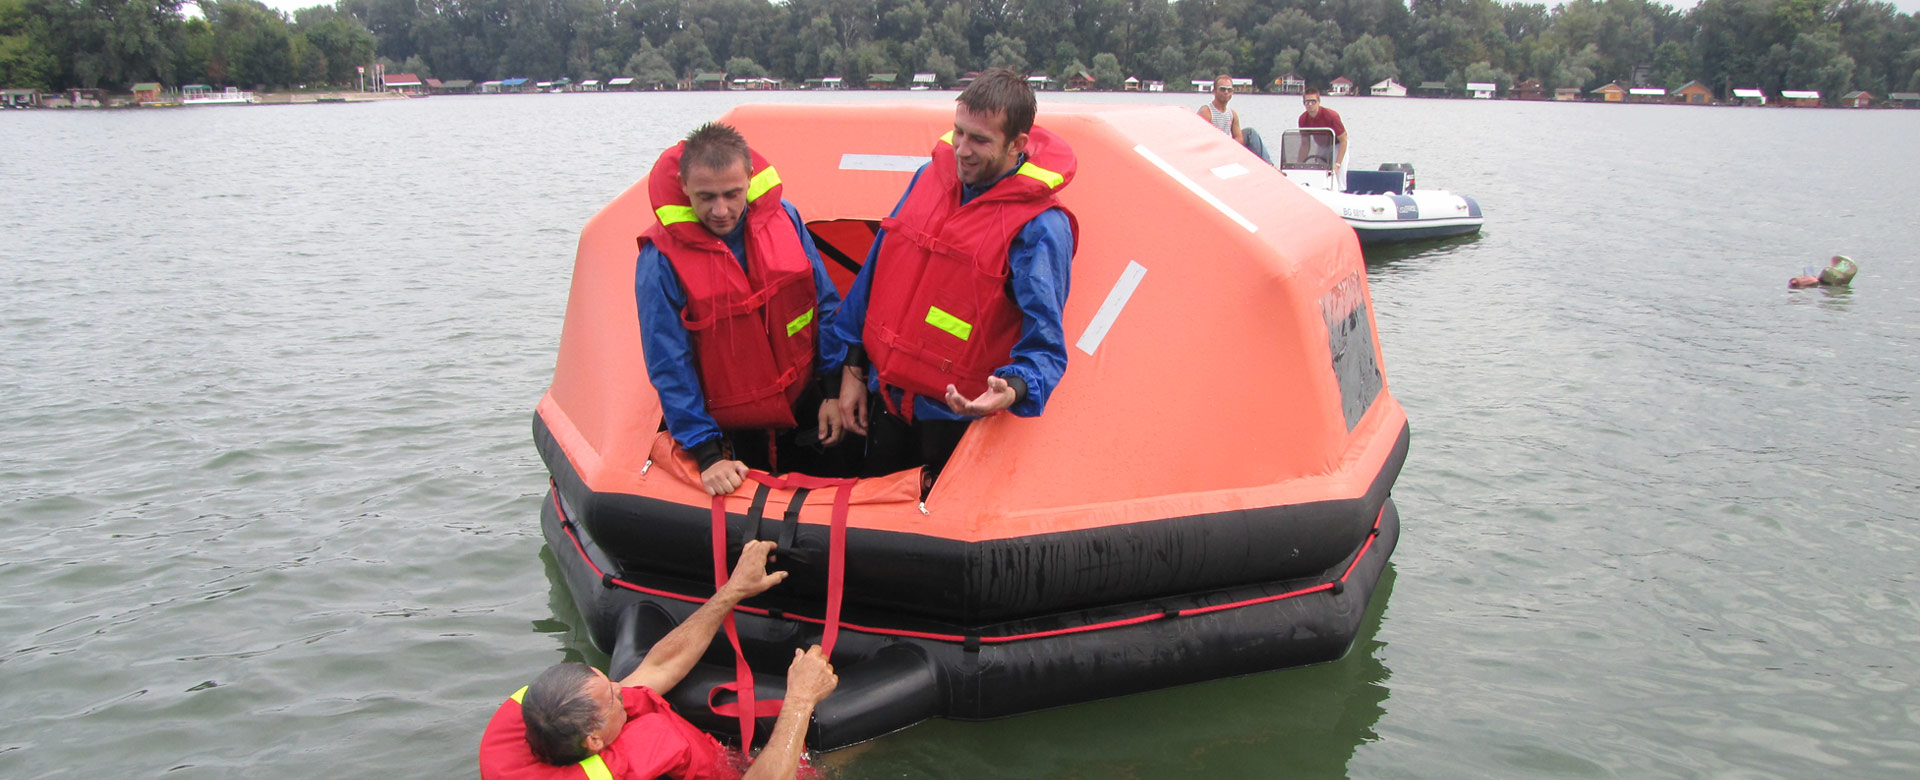 life-vest-slide-3